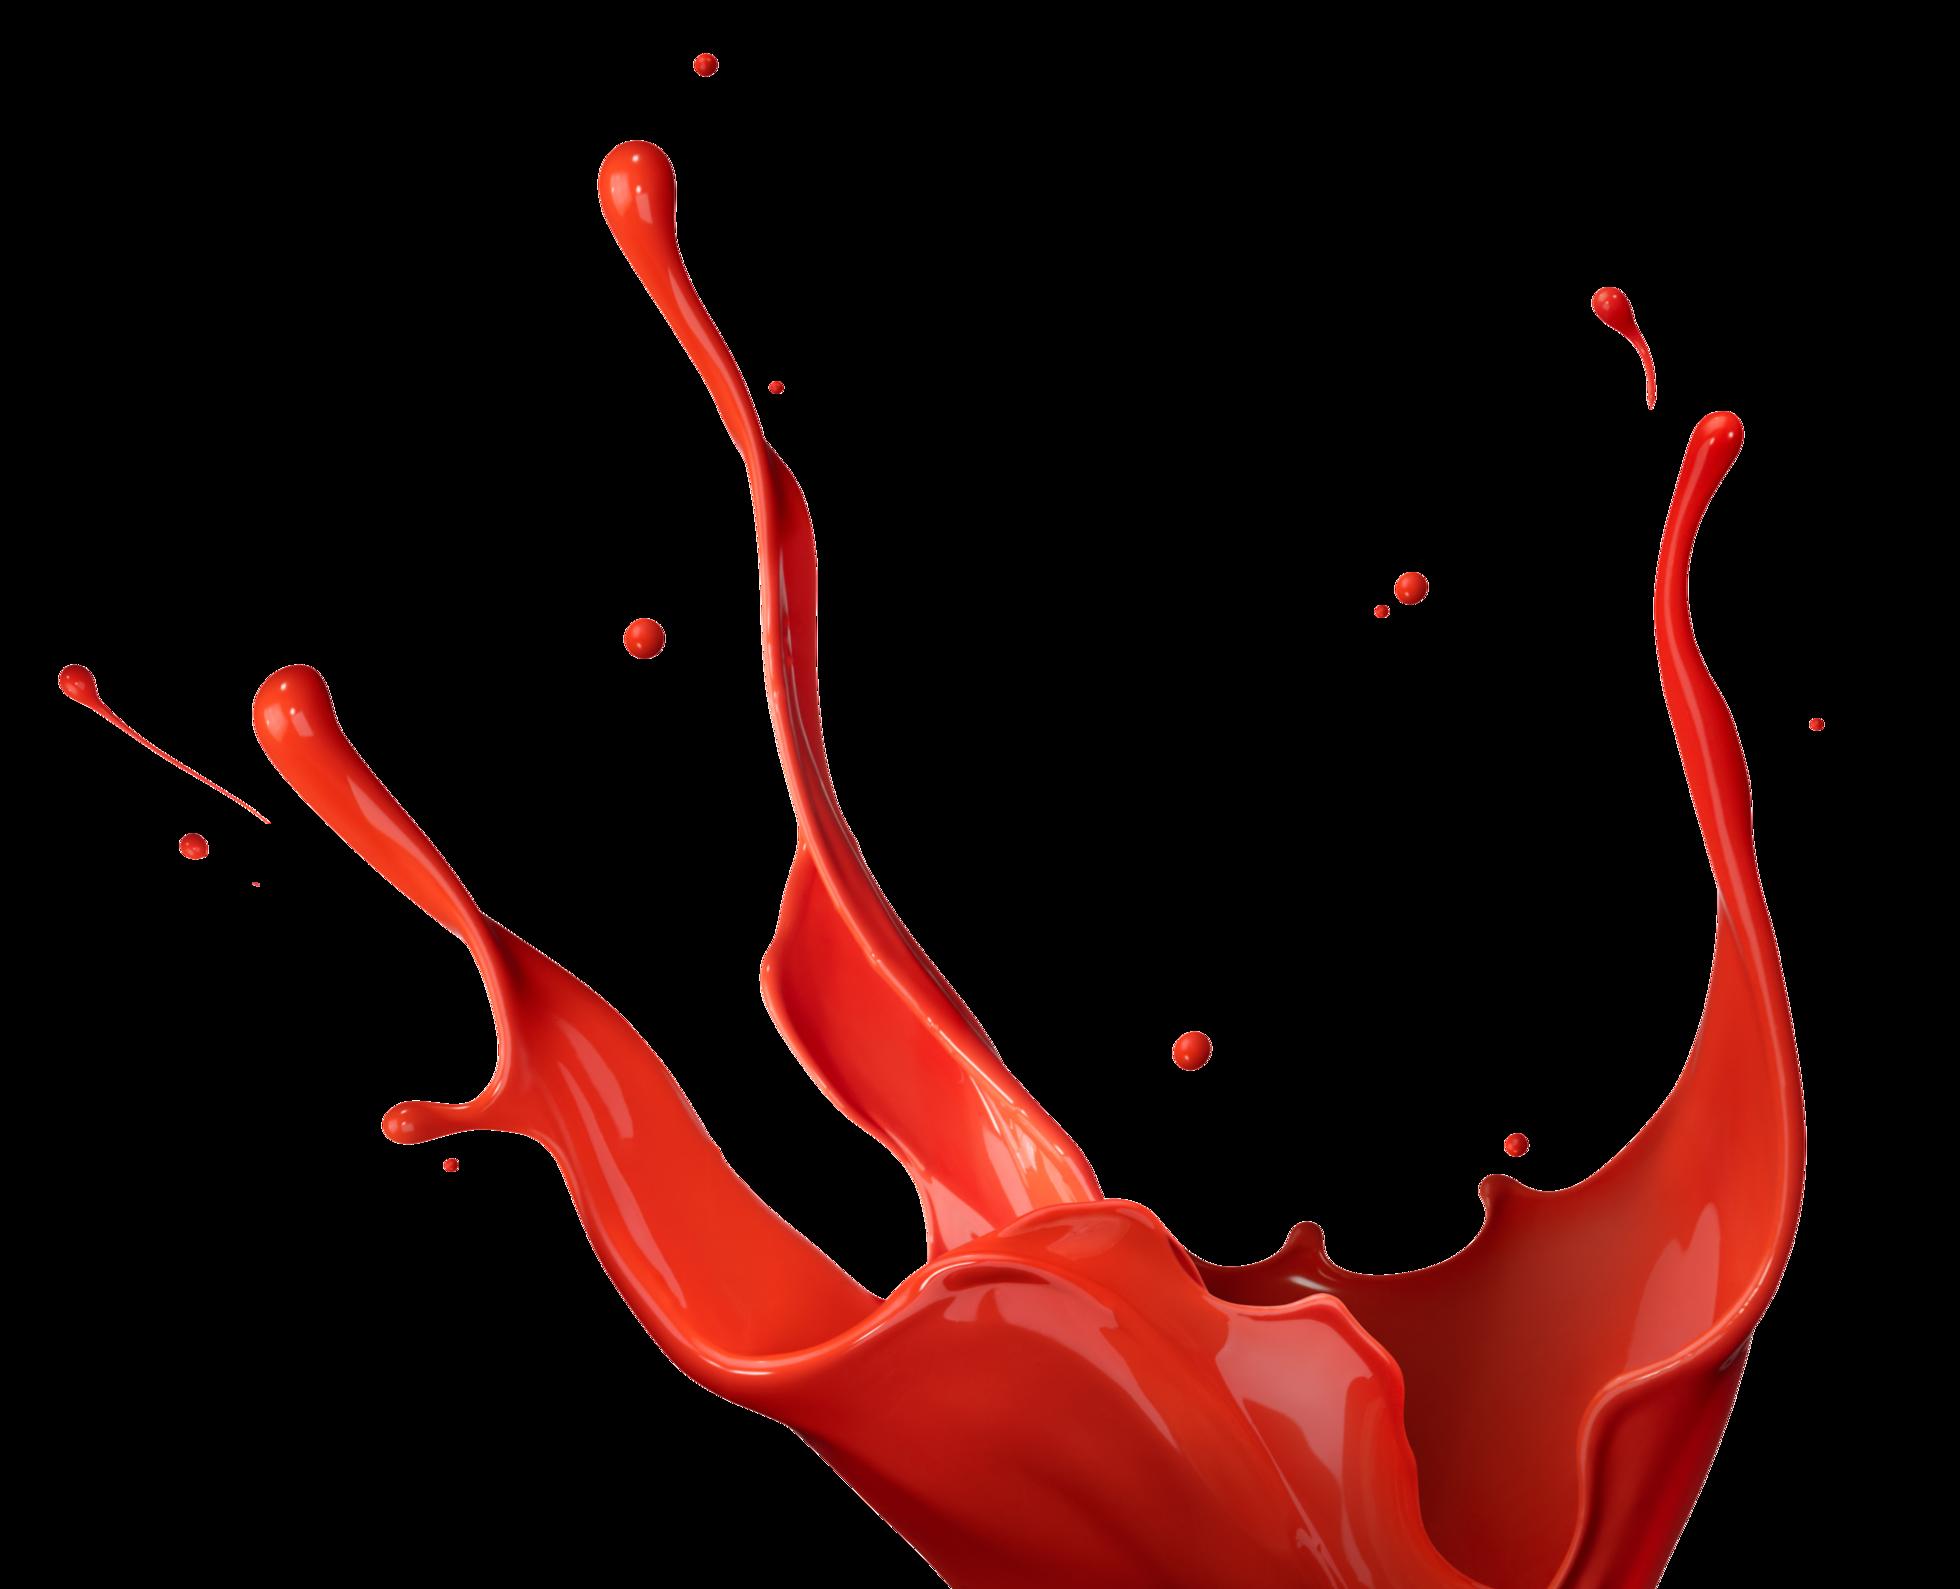 Paint Splat Paint Splash Red Paint Paint Drop